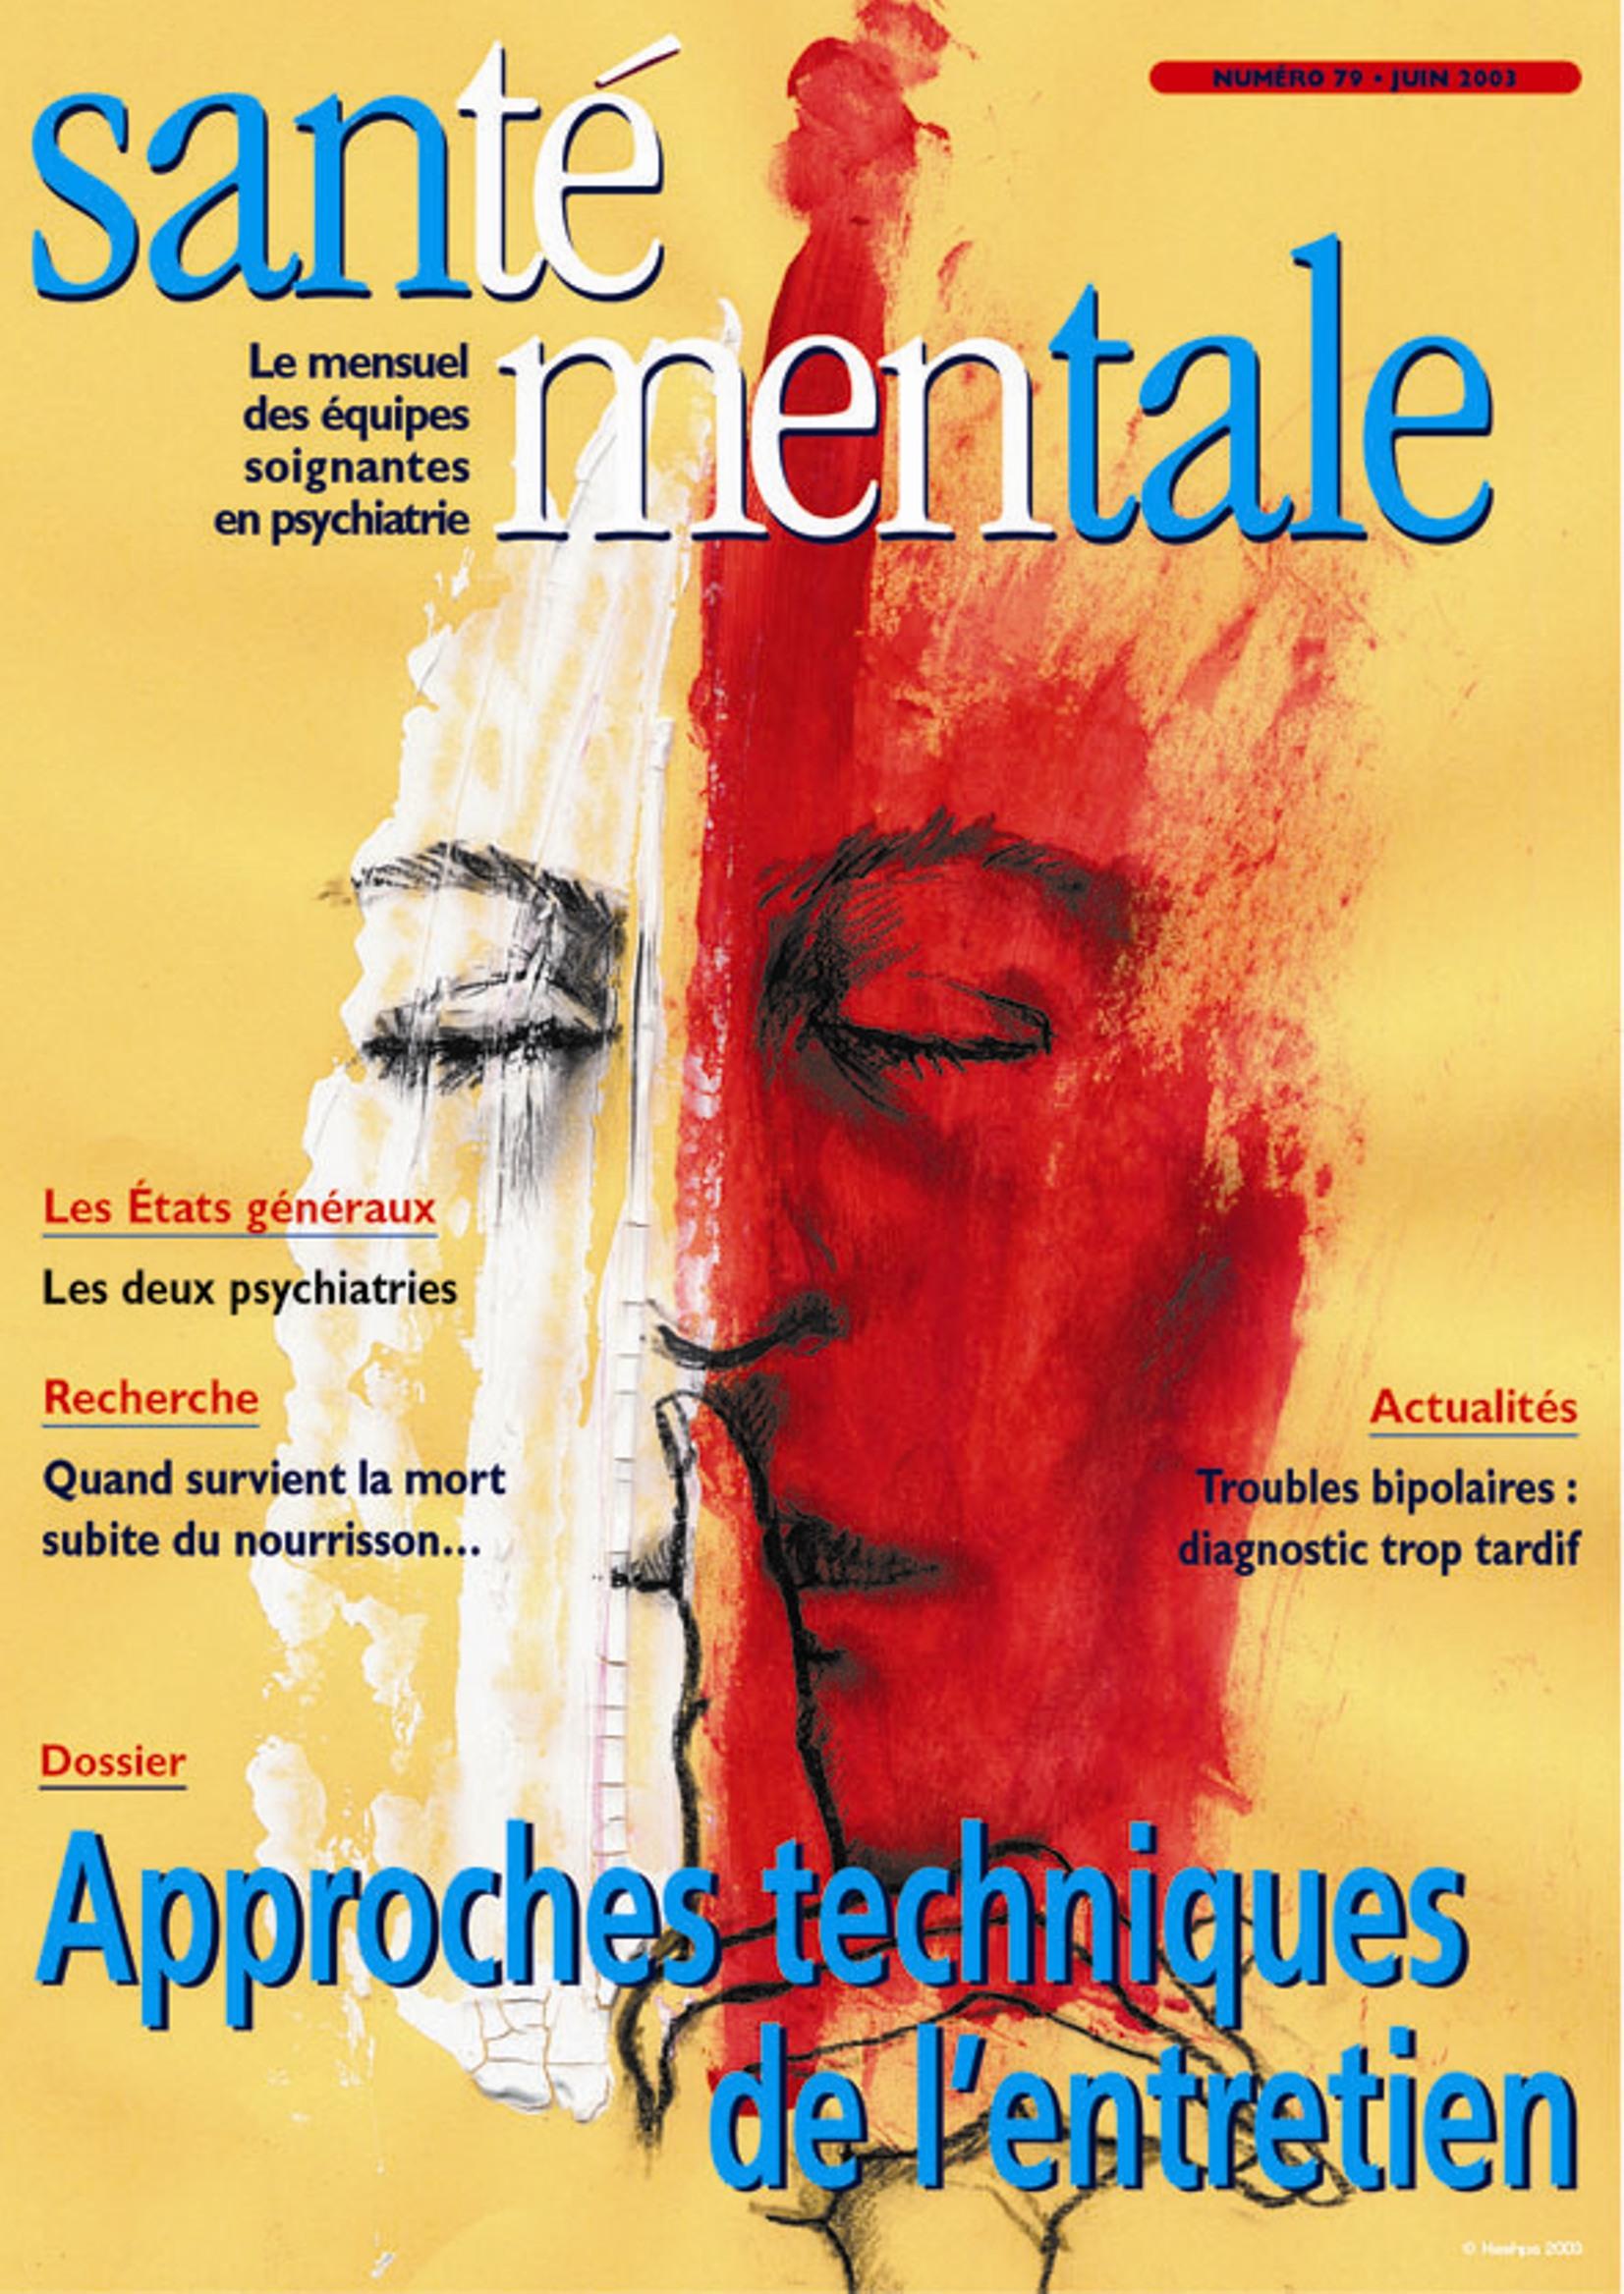 Couverture N°79 juin 2003